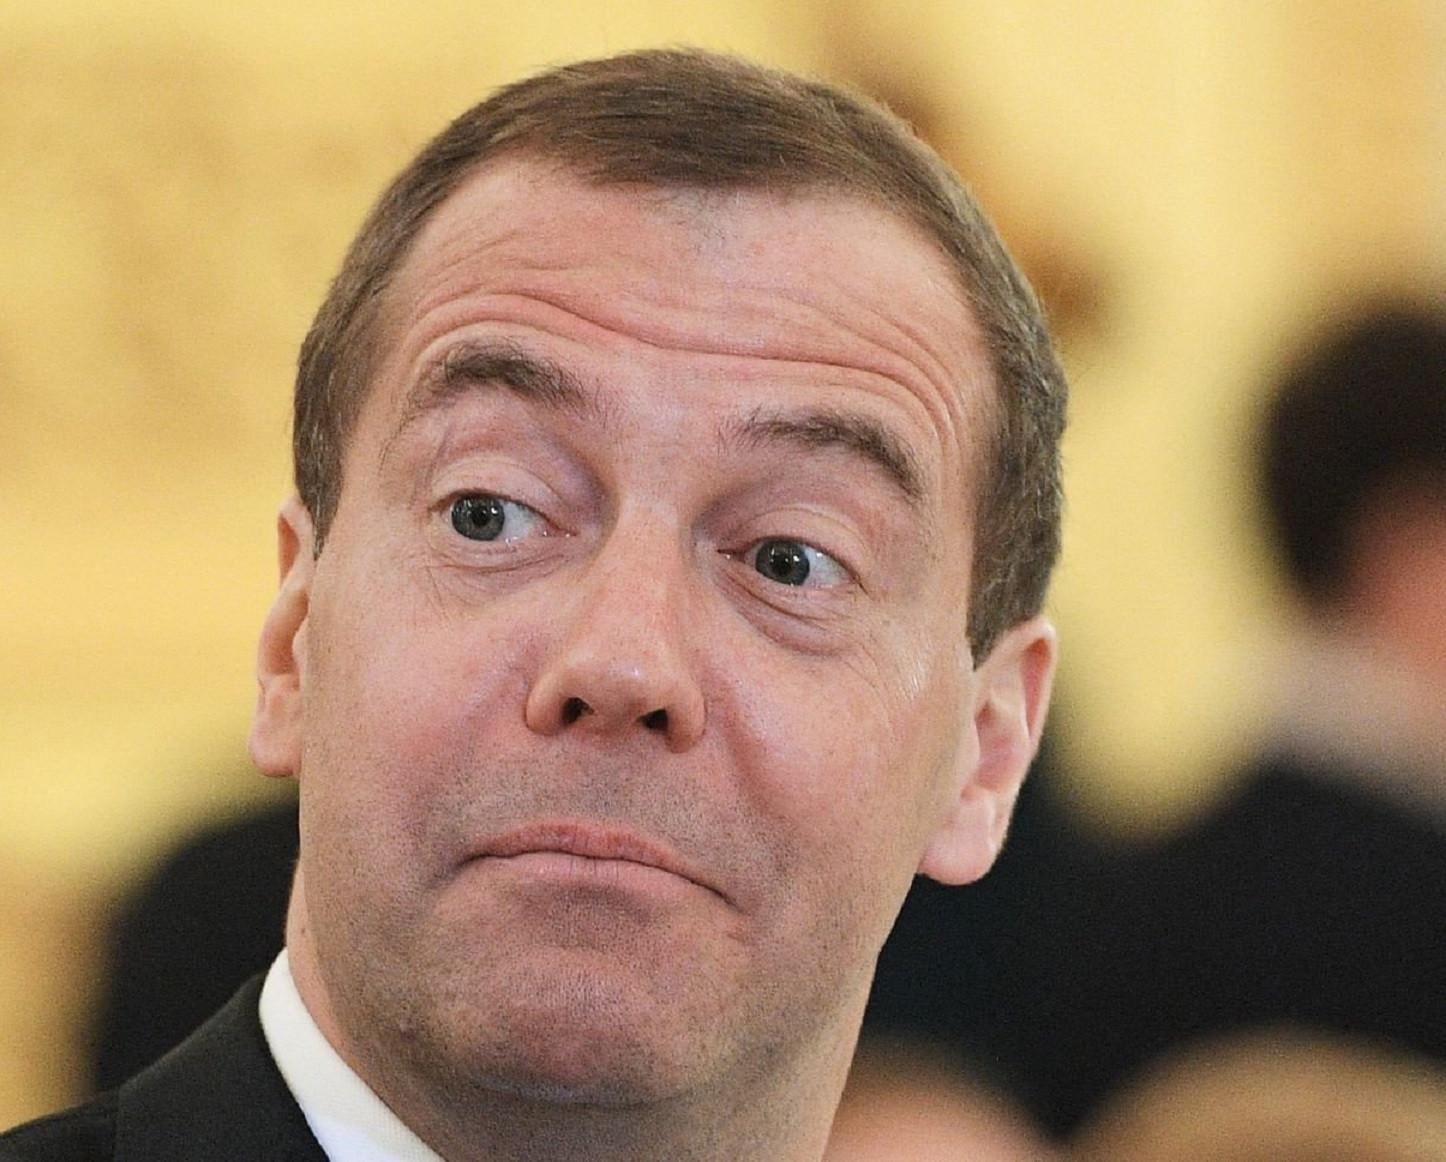 Россияне растрогали Дмитрия Медведева в Instagram